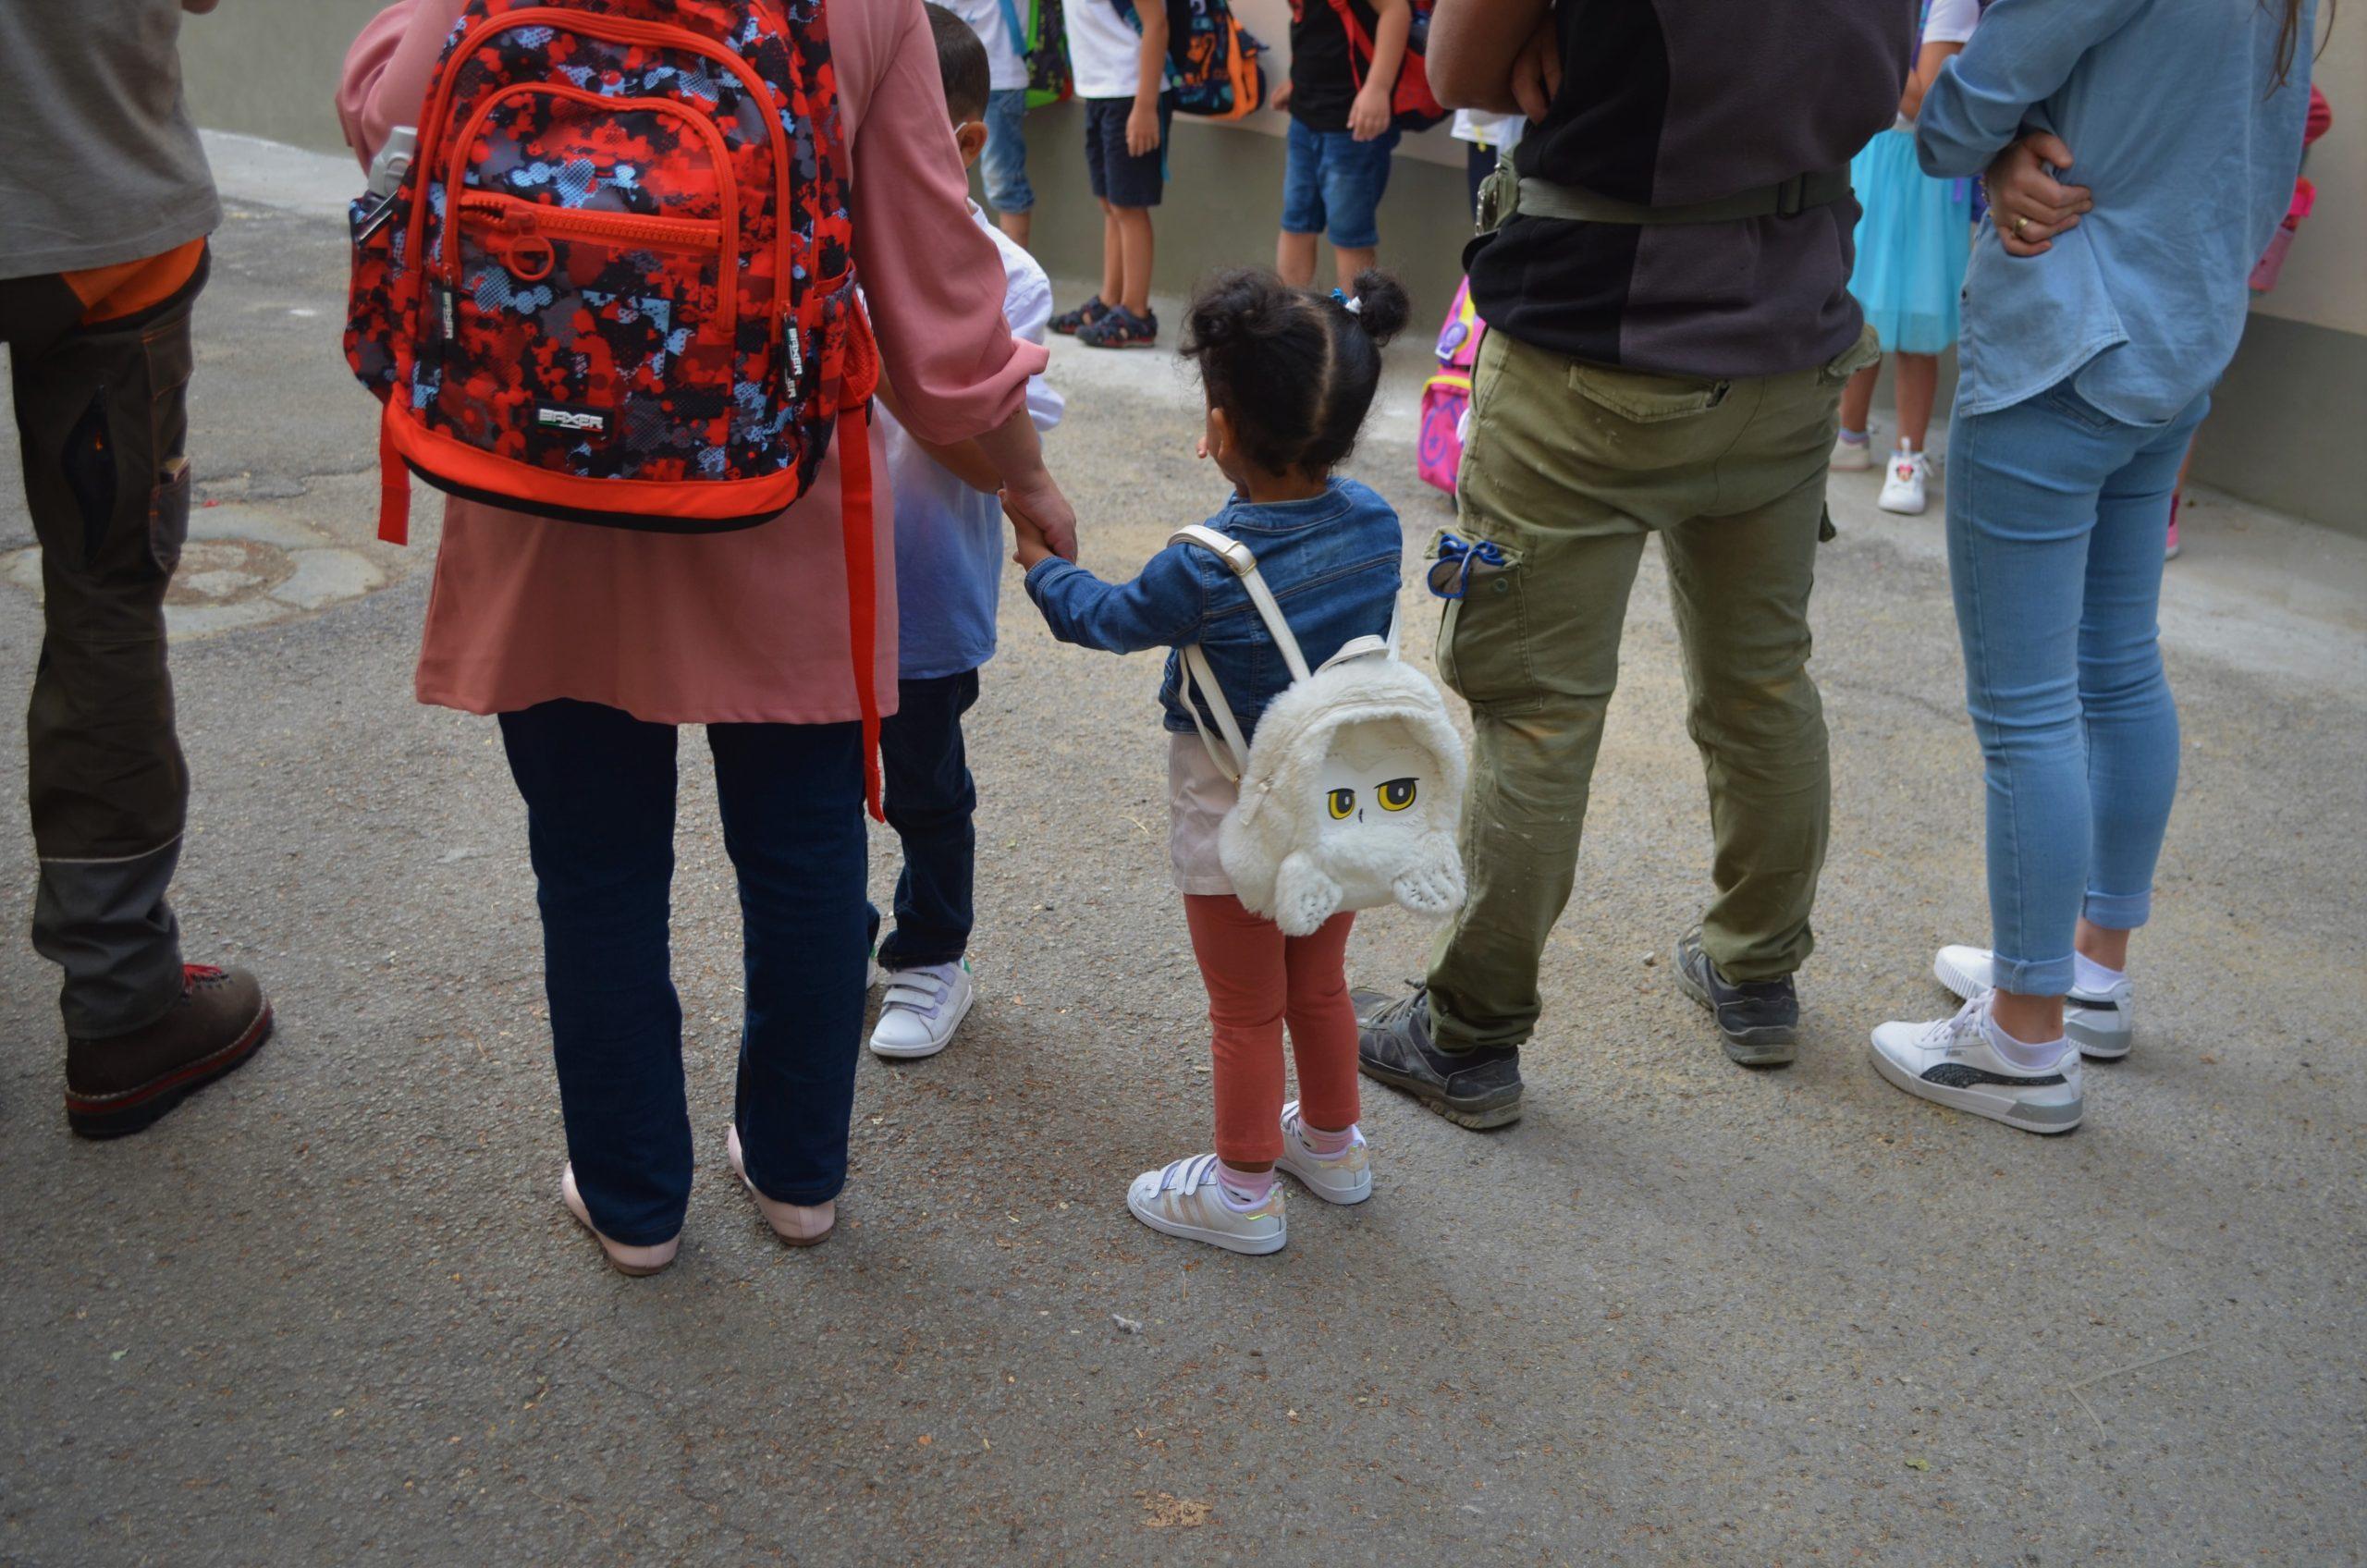 Un primo giorno di scuola all'odore…. di casa! Panzano continuerà ad accogliere gli alunni della primaria